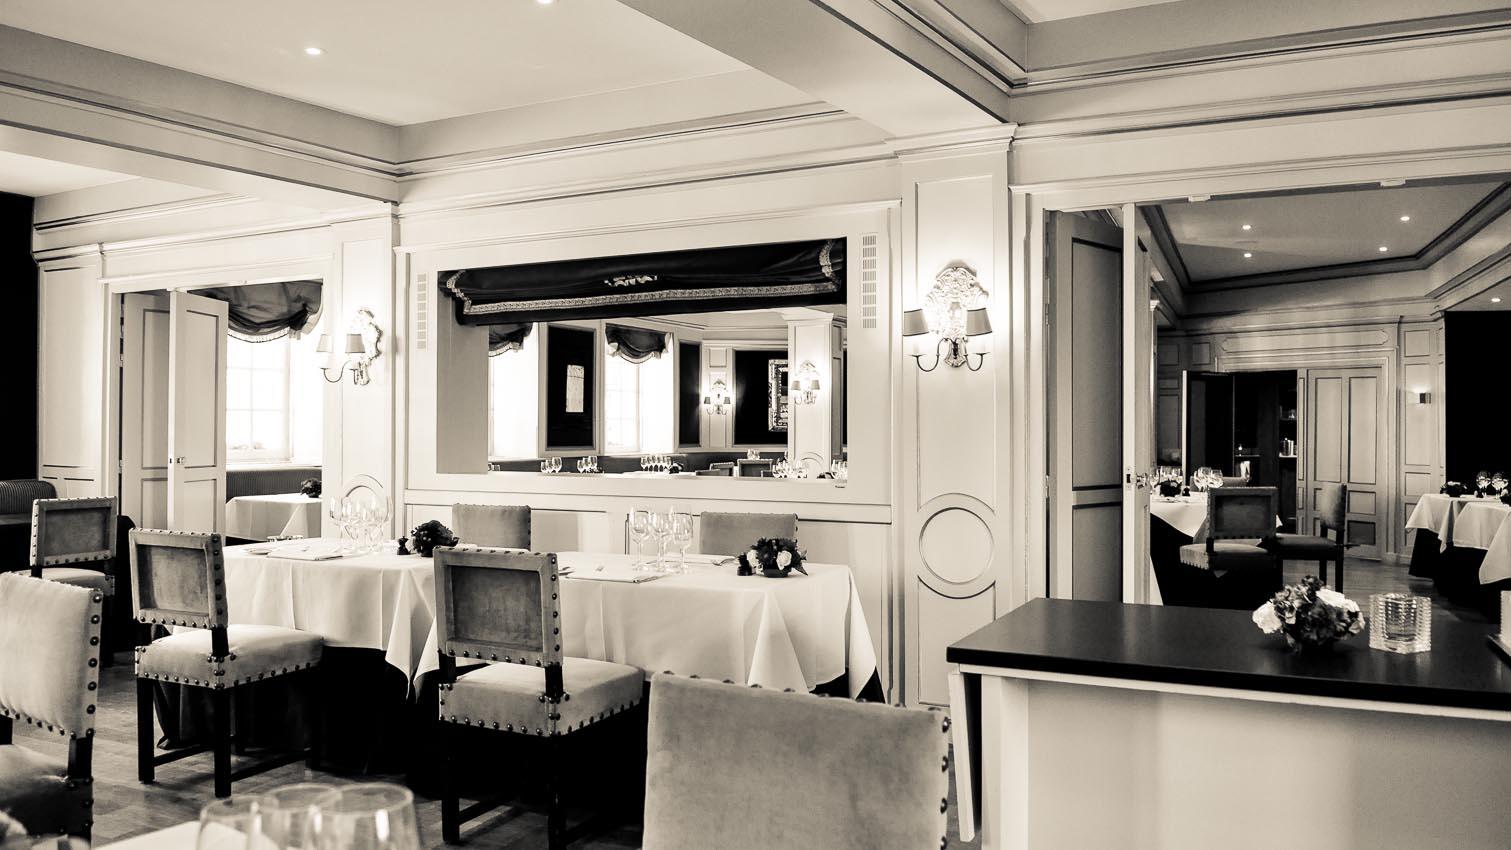 11-cafe-bar-resto-nightclub-decors-film-cinema-photo-belgium-bruxelles